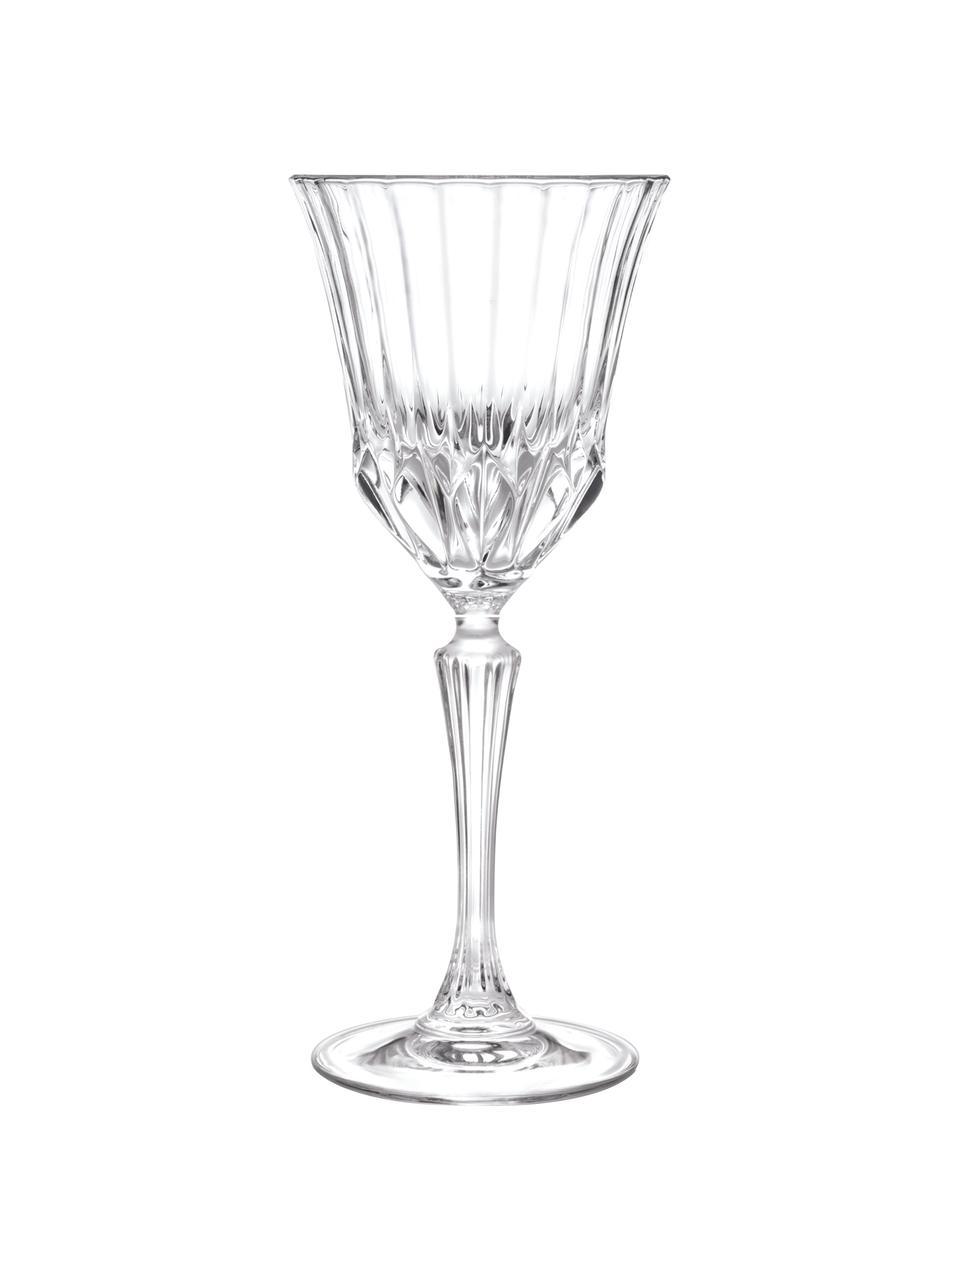 Kristall-Weingläser Adagio mit Relief, 6 Stück, Kristallglas, Transparent, Ø 9 x H 21 cm